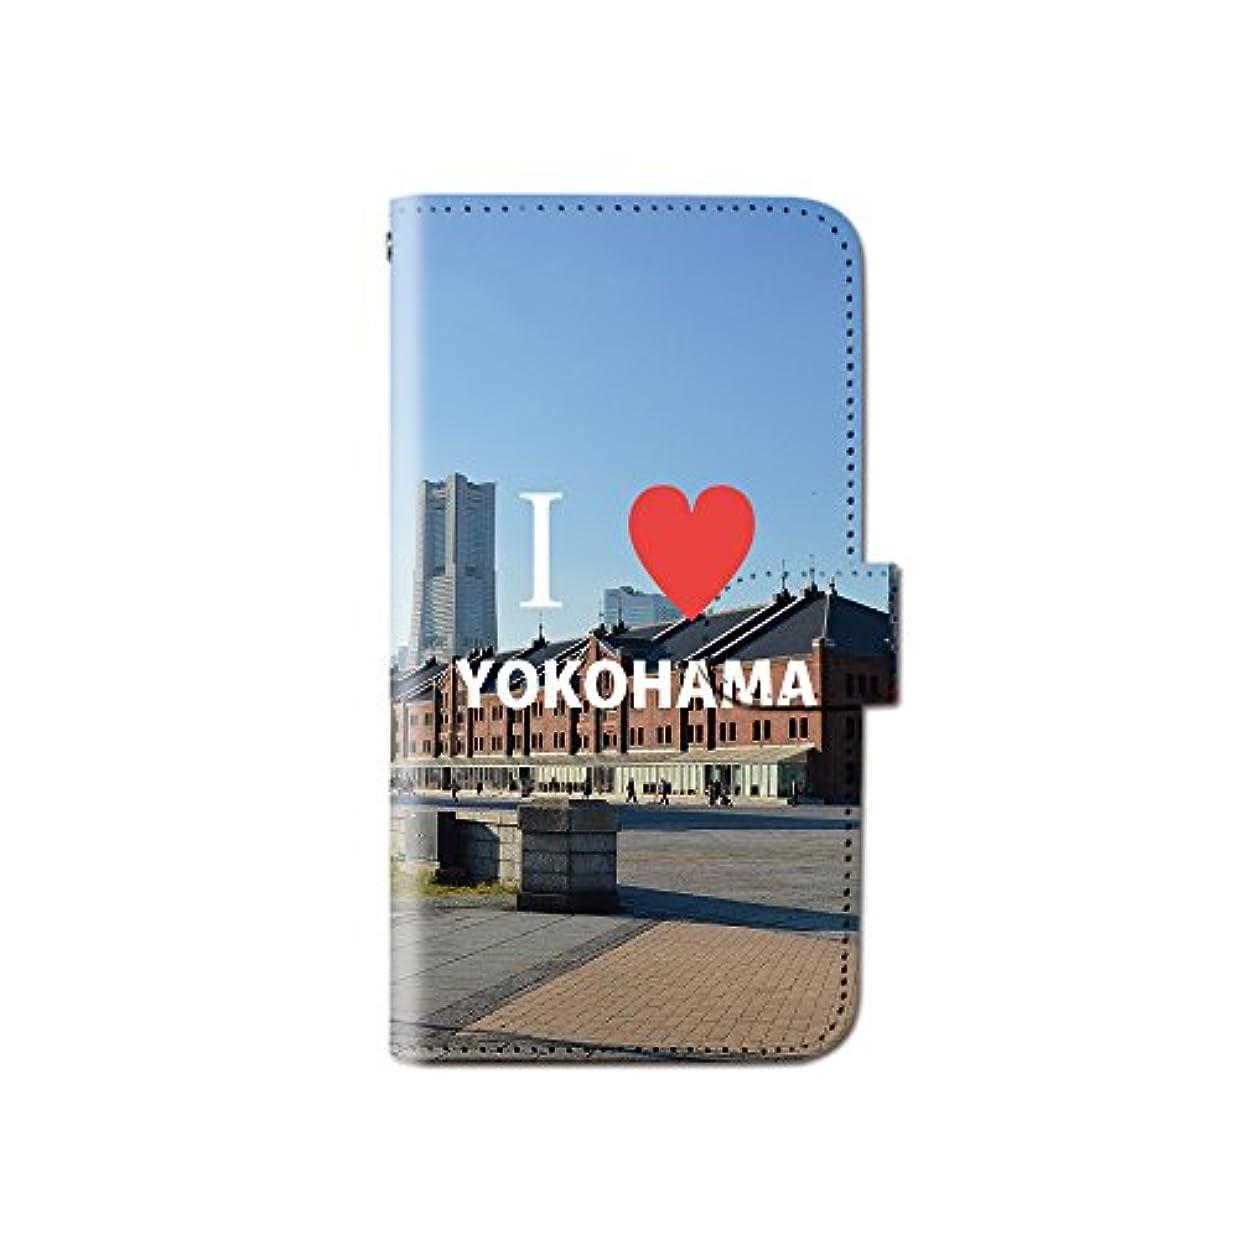 防衛賄賂すぐにZenfone 4 MAX PRO ZC554KL 横浜 景色 風景 写真 スマホケース 手帳型 マグネット式 カード収納 dy001-00360-04 ZC554KL (Zenfone 4 MAX PRO):L